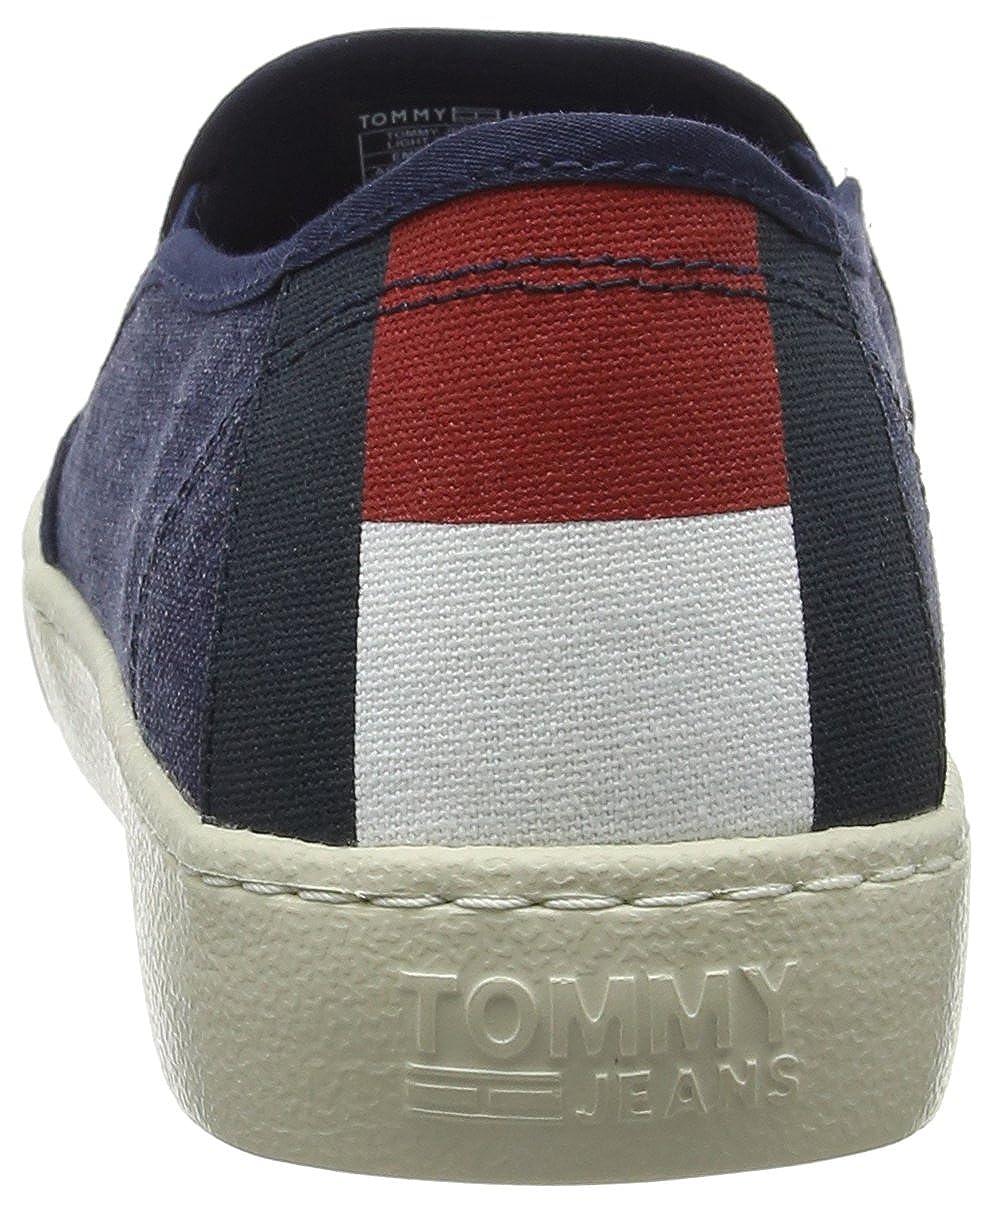 Tommy Jeans Light Slip On, Zapatillas para Hombre: Amazon.es: Zapatos y complementos